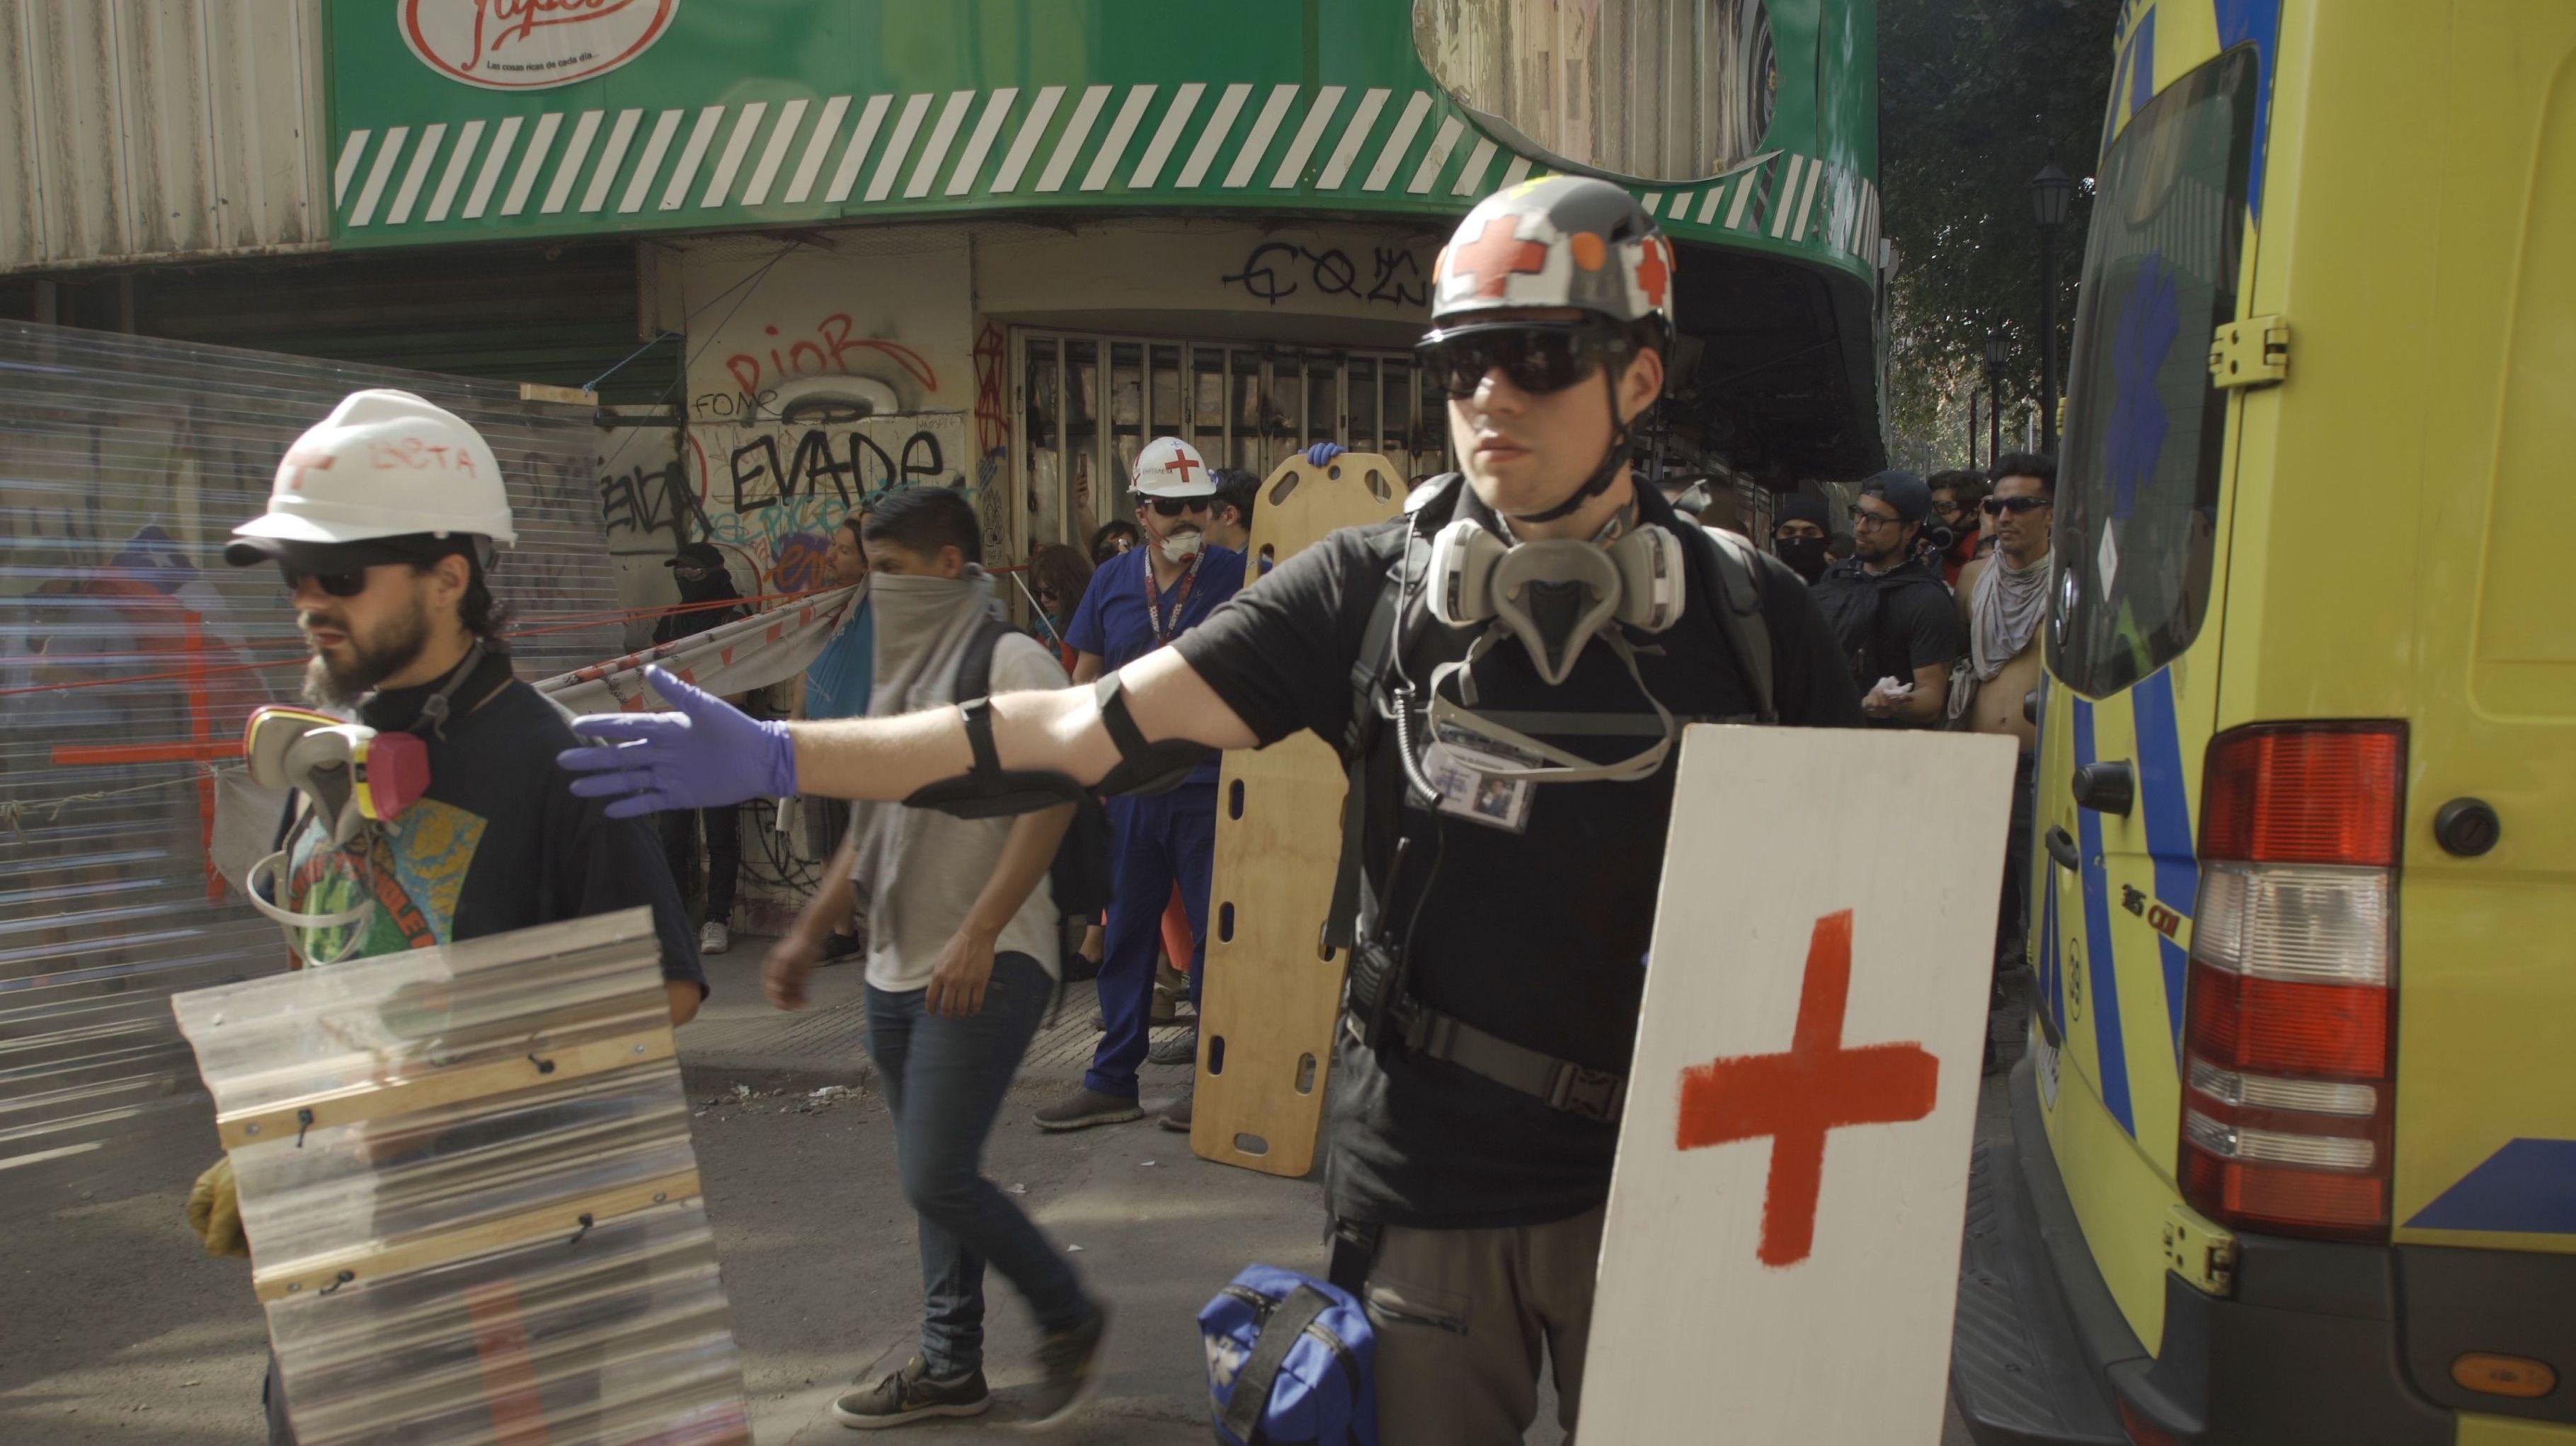 Piquete sanitario en calle Vicuña Mackenna, Santiago de Chile